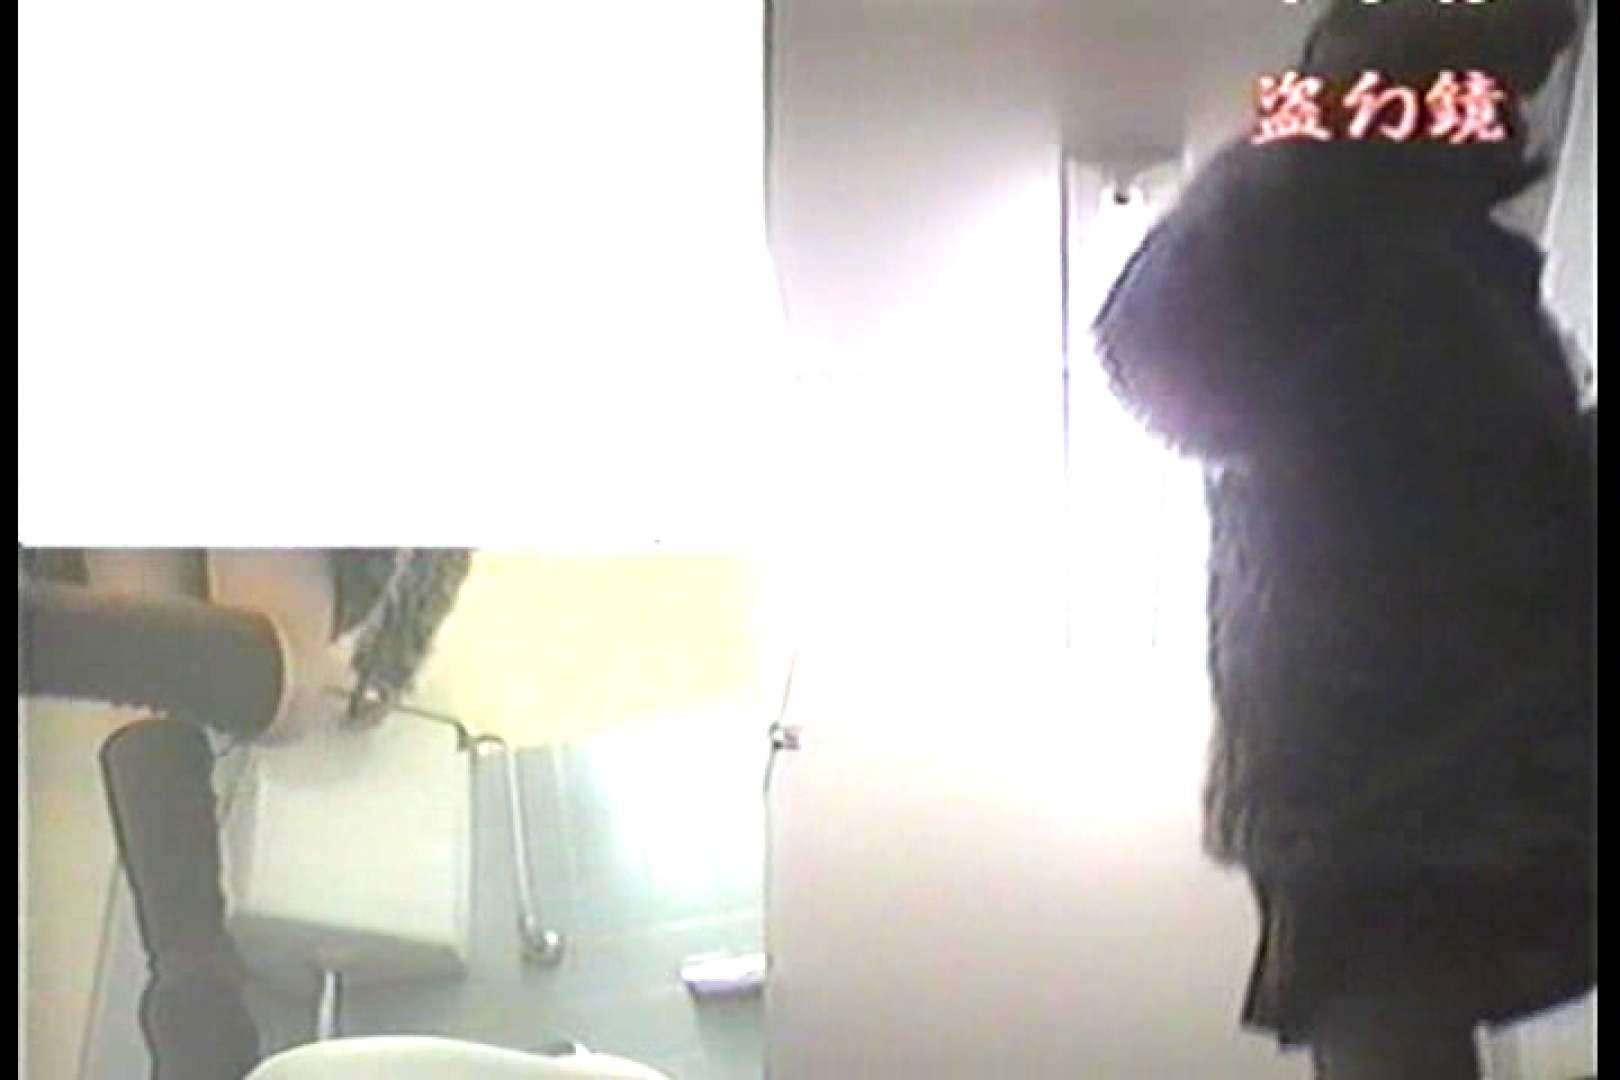 洗面所羞恥美女んMV-4 洗面所 | 美女  51pic 3